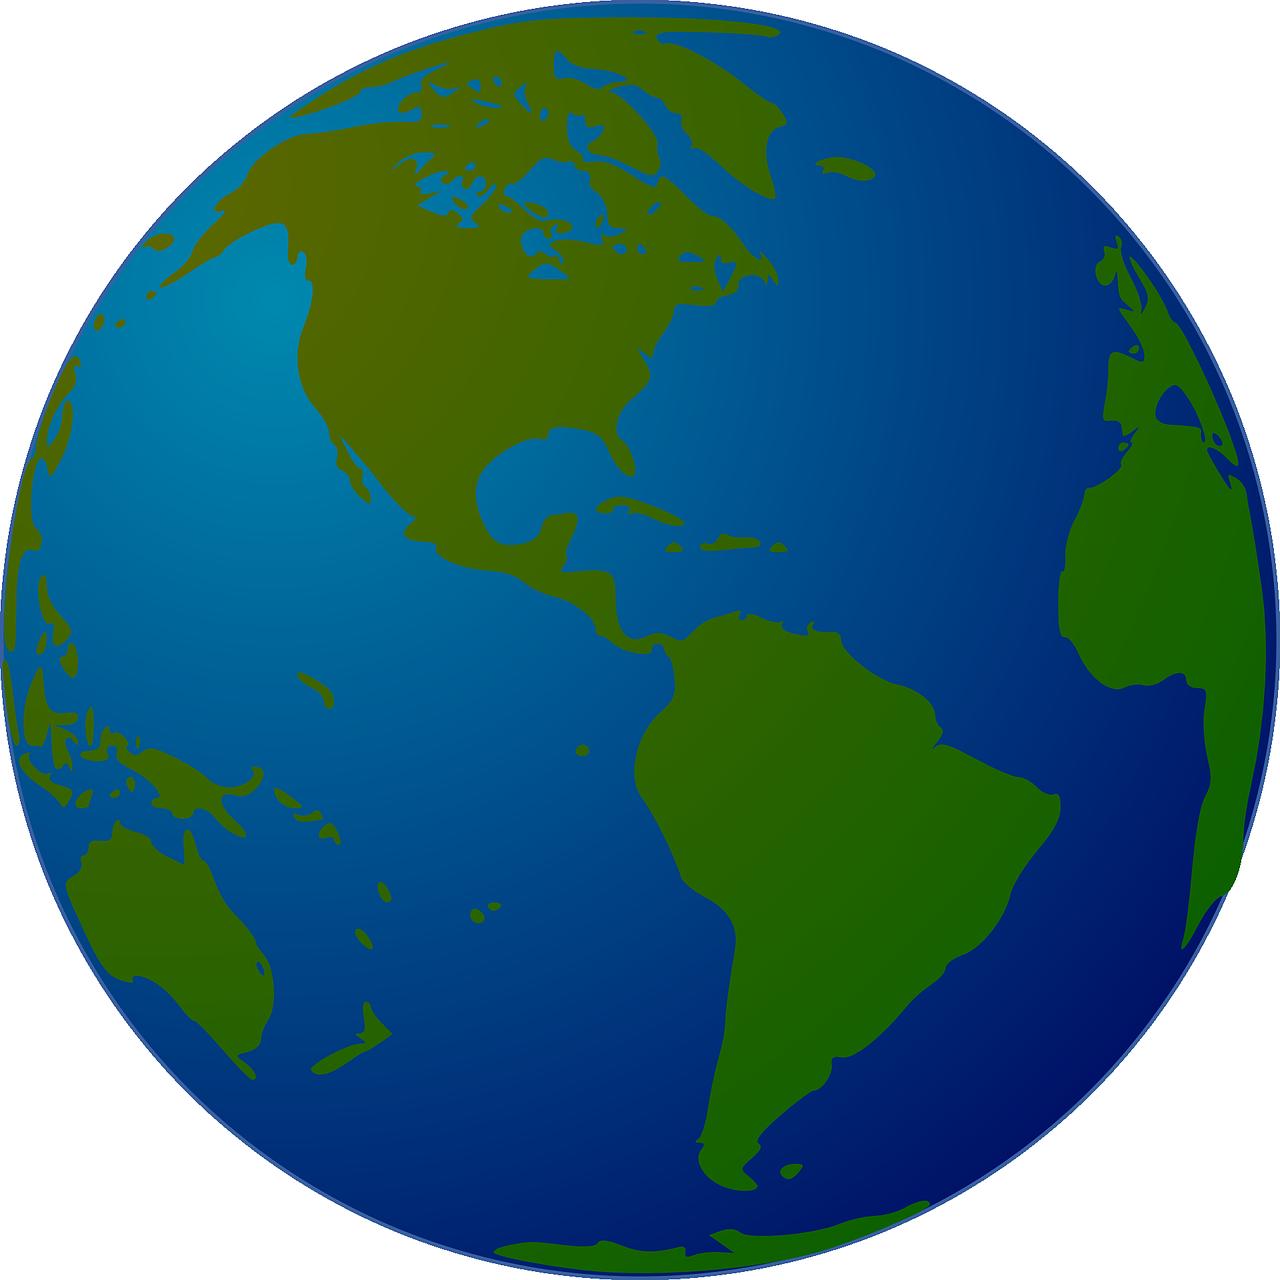 Earth Globe - Wisc-Online OER